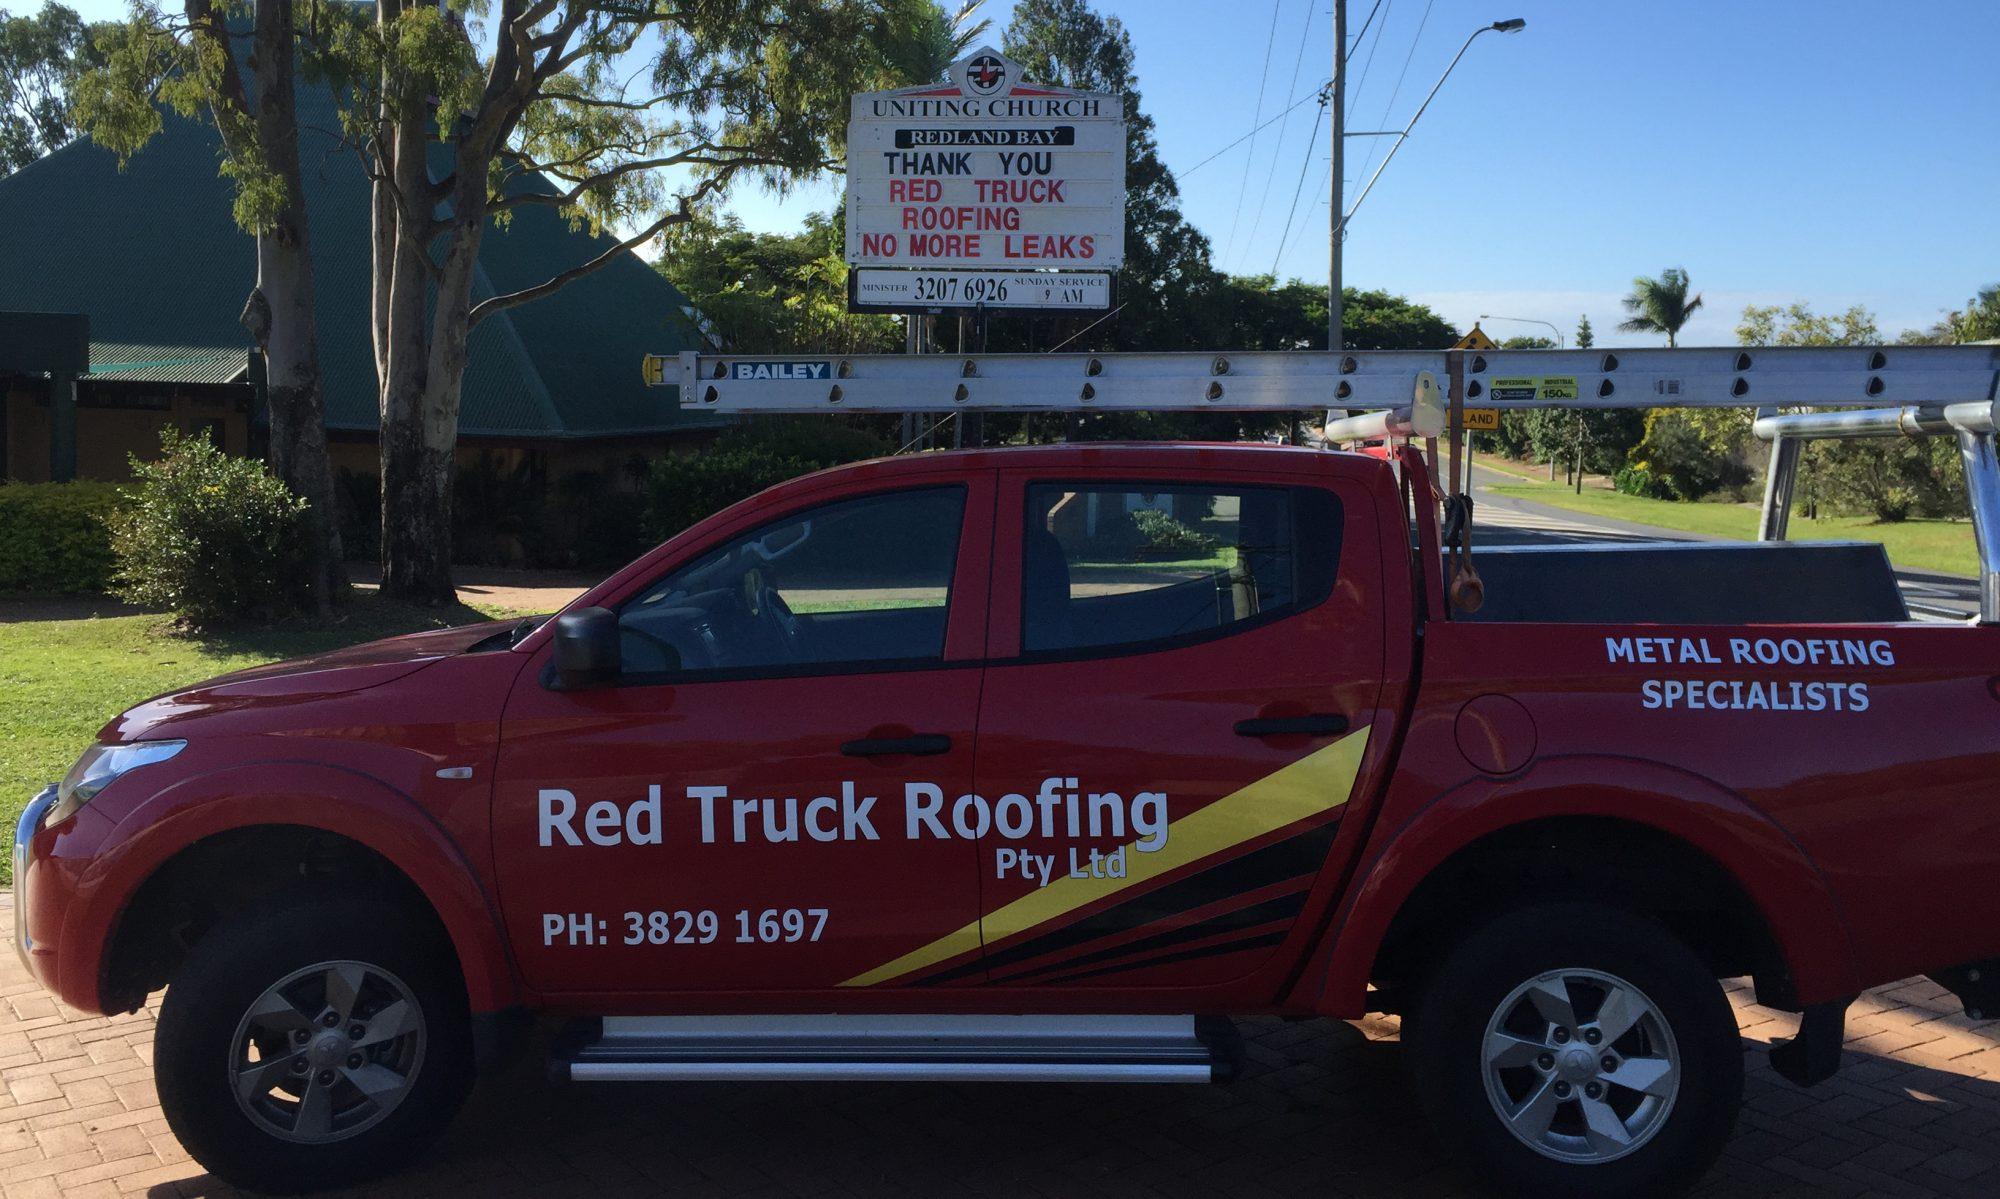 Red Truck Roofing - BRISBANE